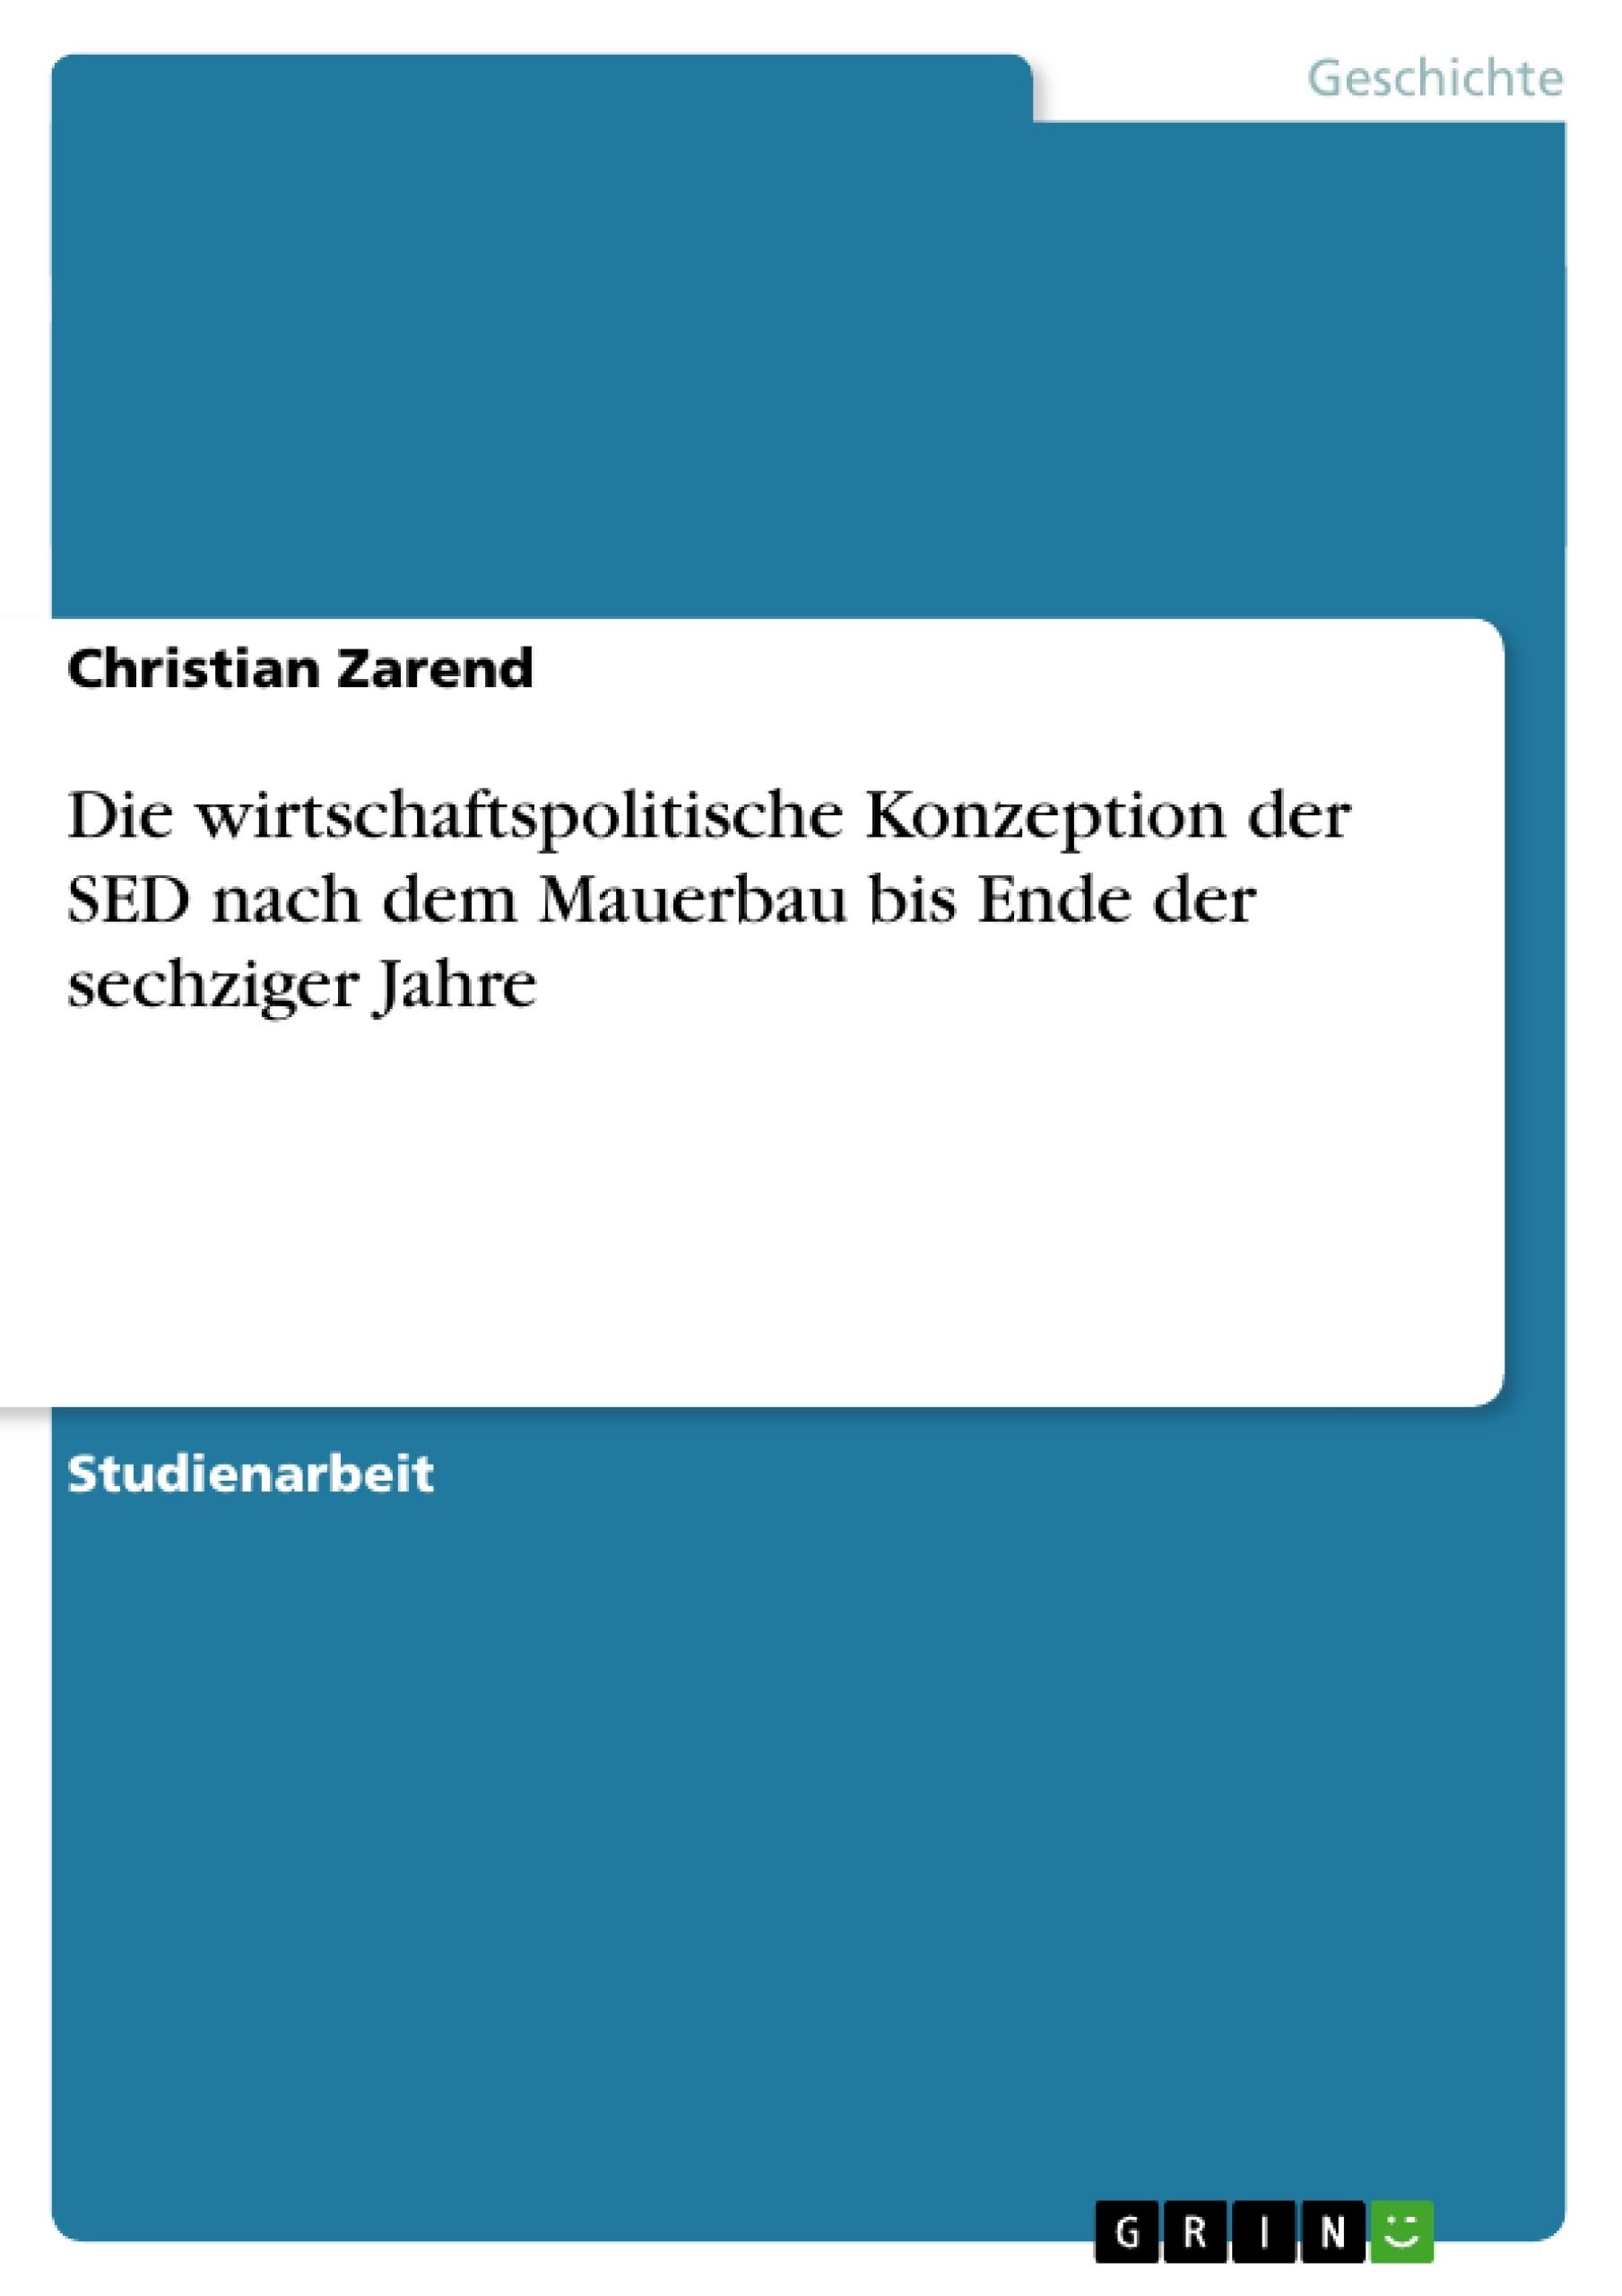 Titel: Die wirtschaftspolitische Konzeption der SED nach dem Mauerbau bis Ende der sechziger Jahre